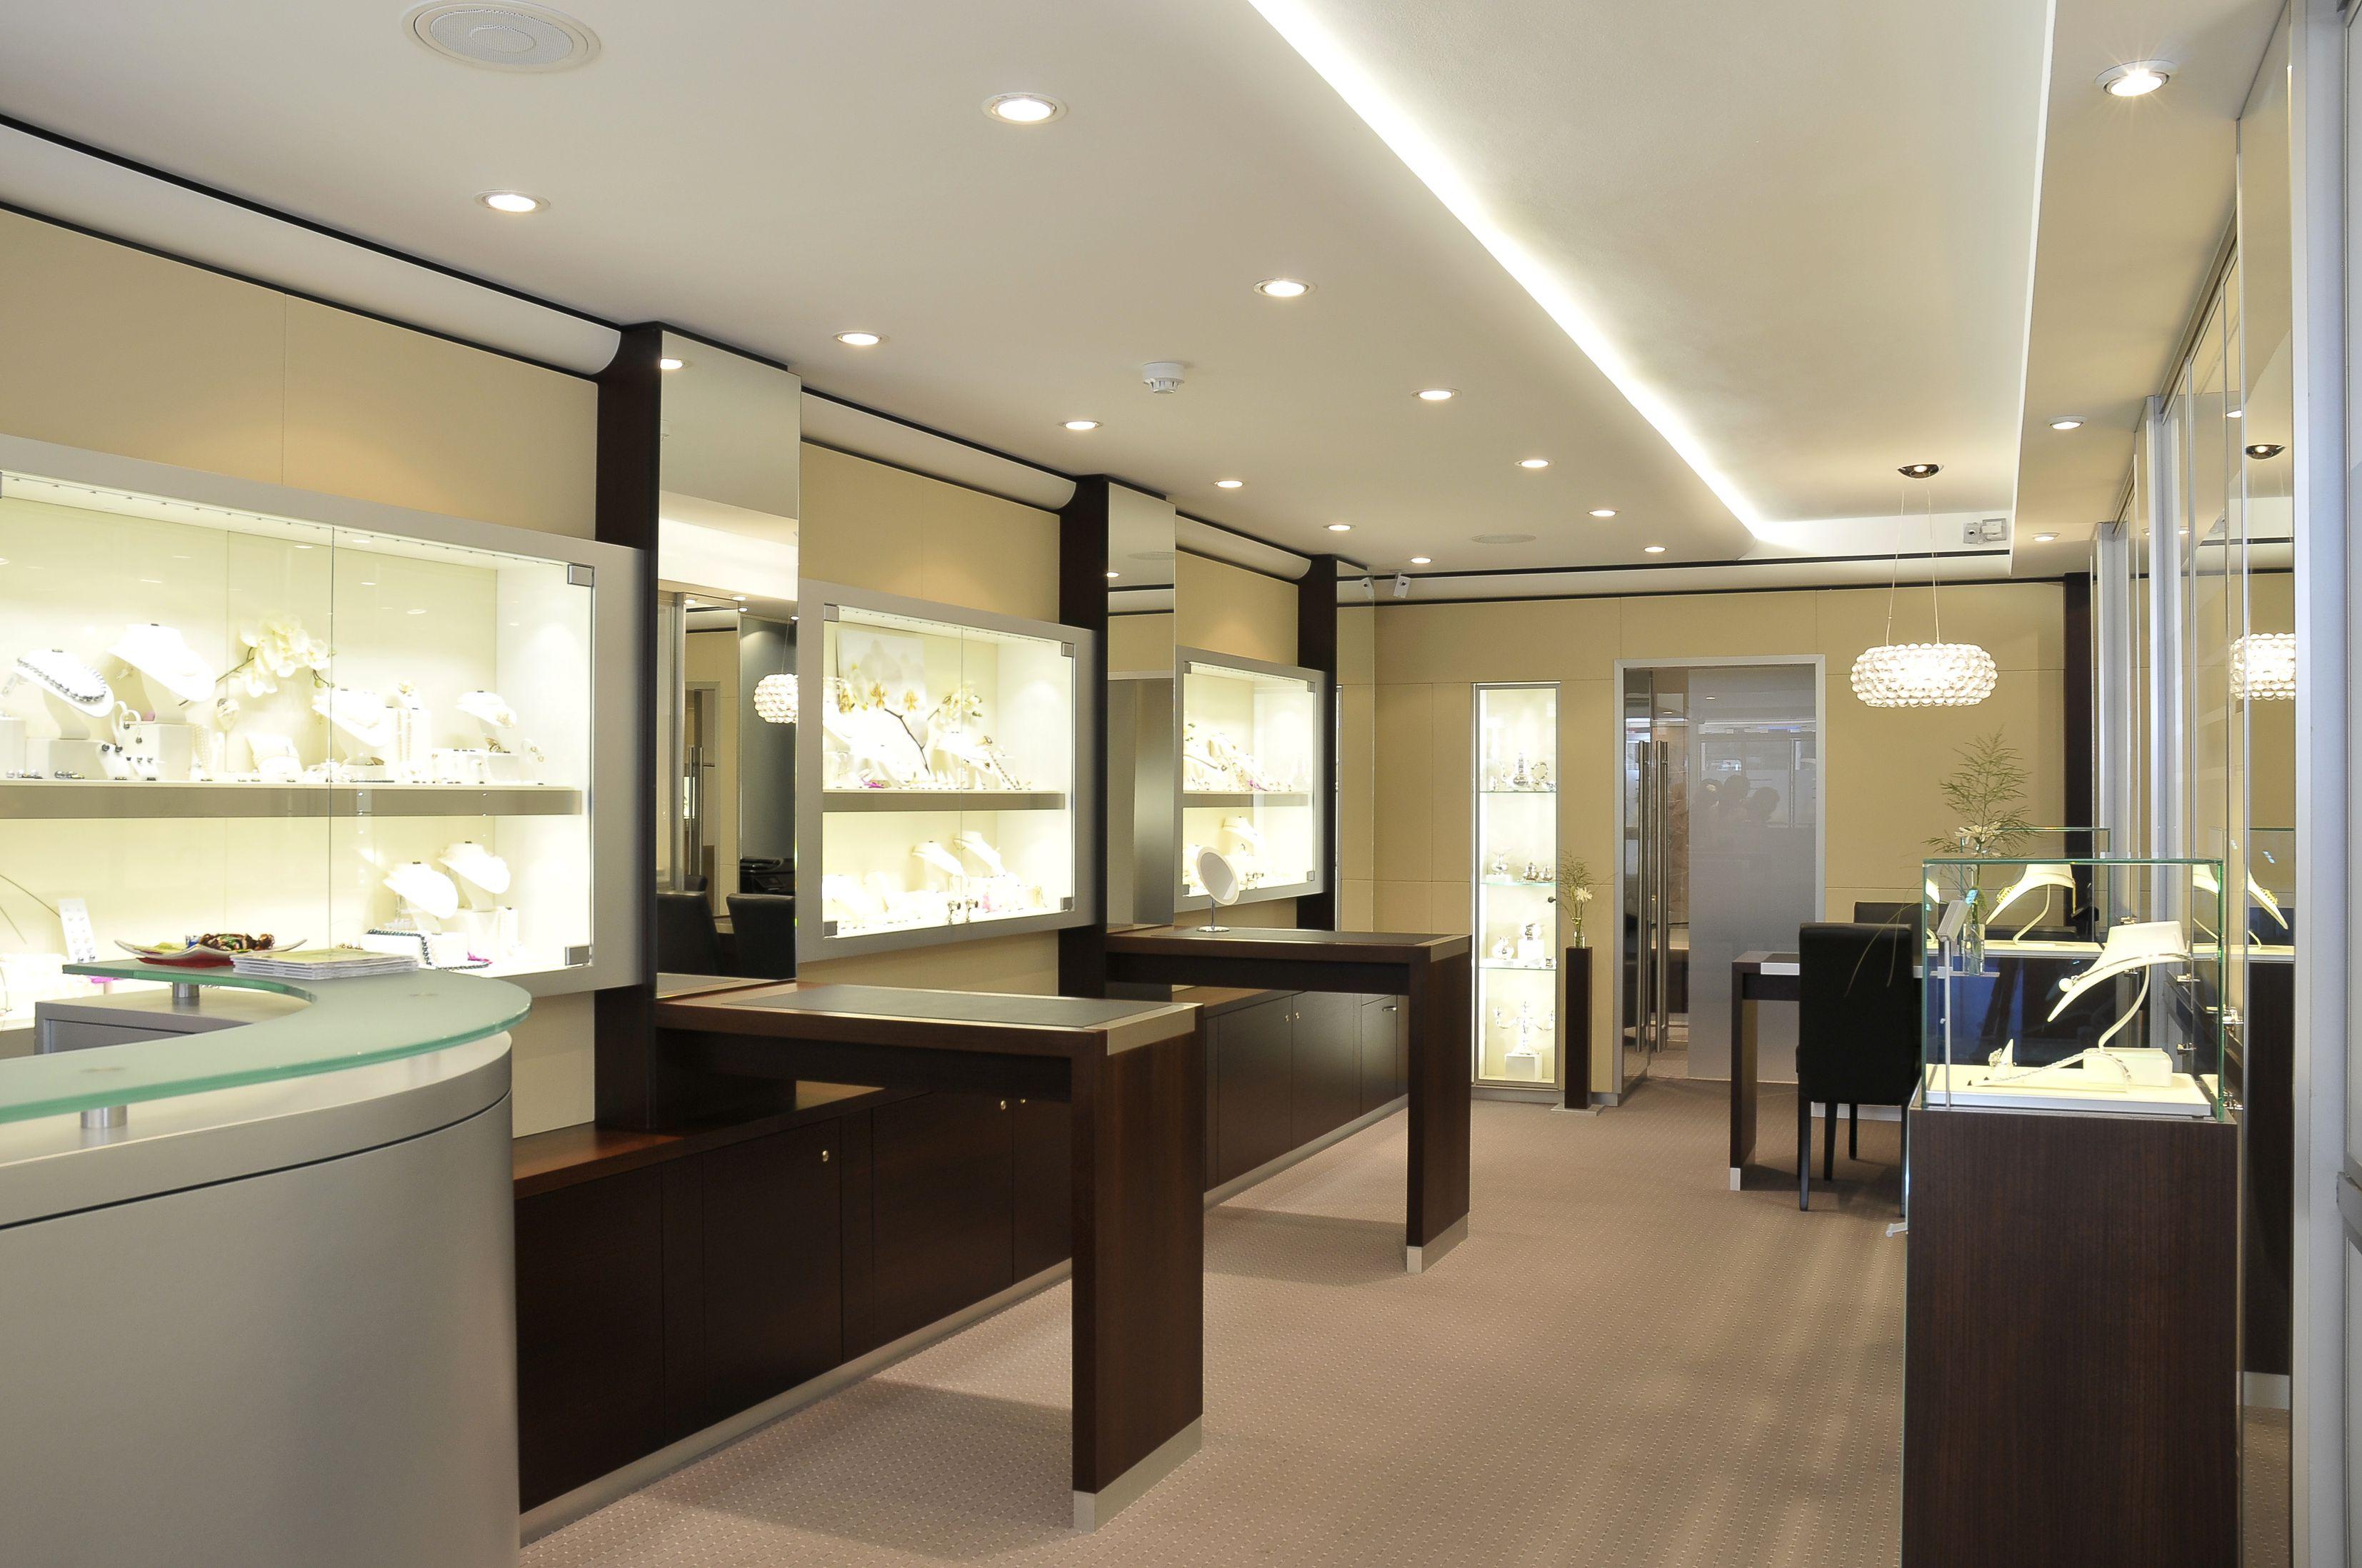 Juwelier  Juwelier Sandkühler – Gold- und Silberschmiede-Innung